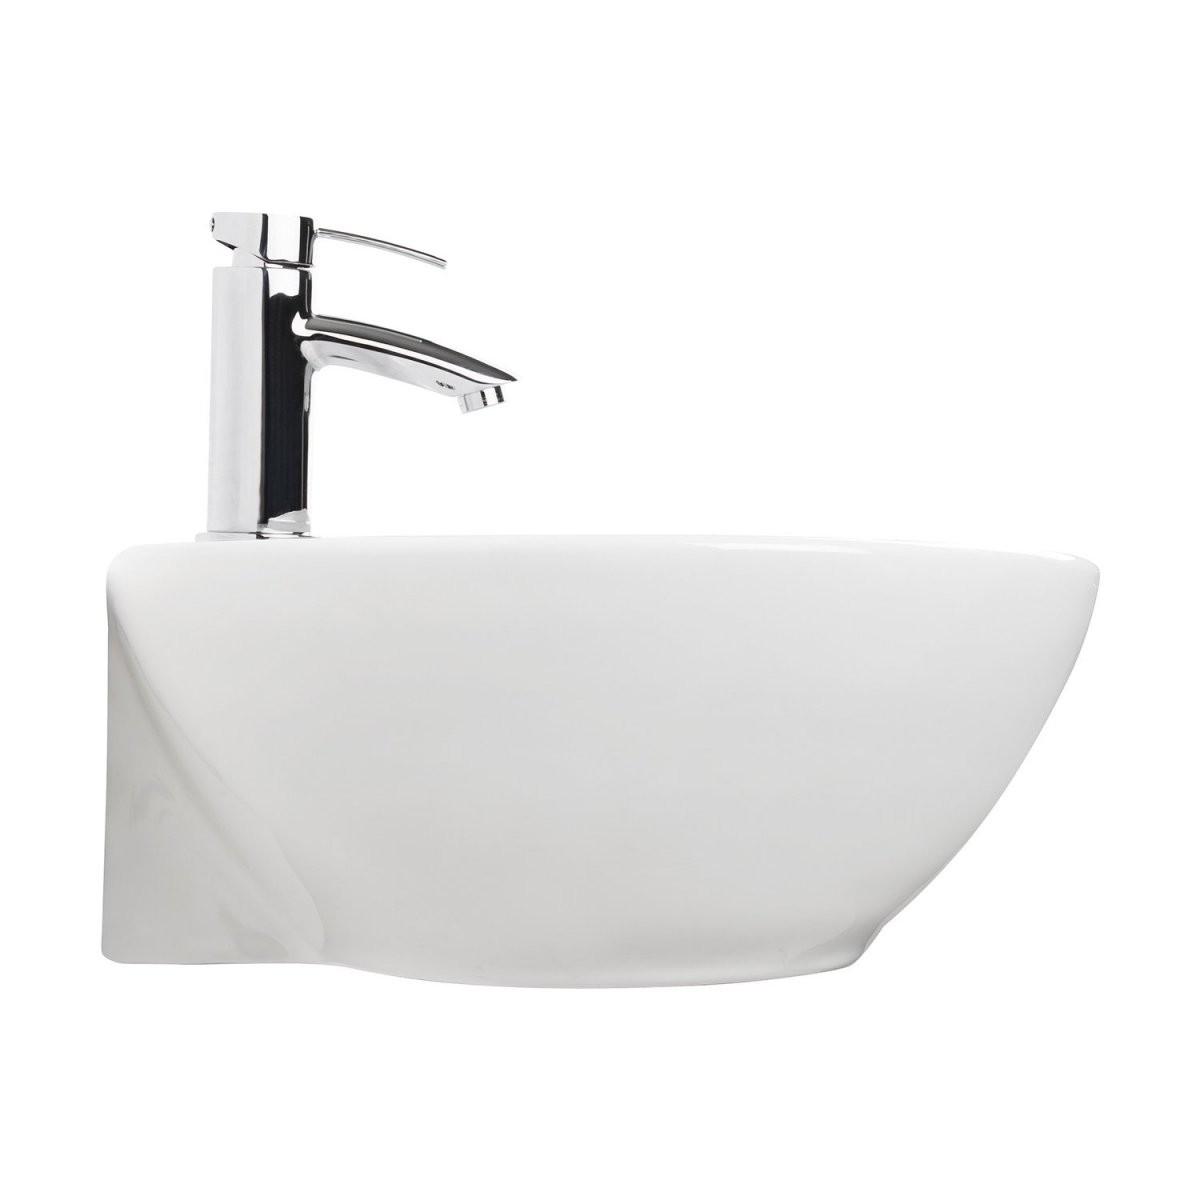 Eckhandwaschbecken Dropino 35 Cm Kaufen Bei Obi von Waschbecken Tiefe 35 Cm Bild